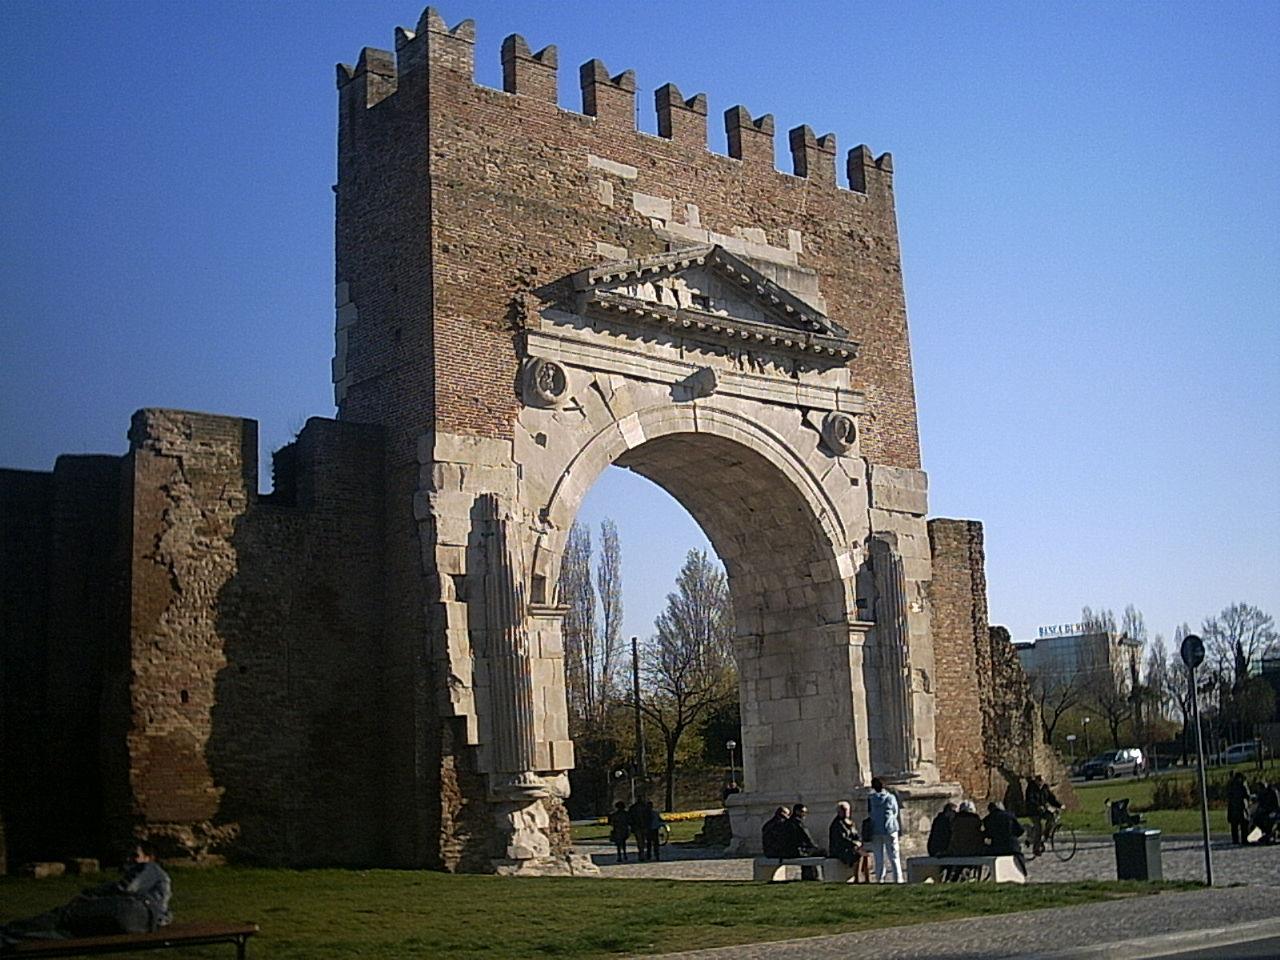 L'Arco di Augusto, innalzato dopo la conclusione dei lavori di ristrutturazione finanziati dall'Imperatore Augusto.